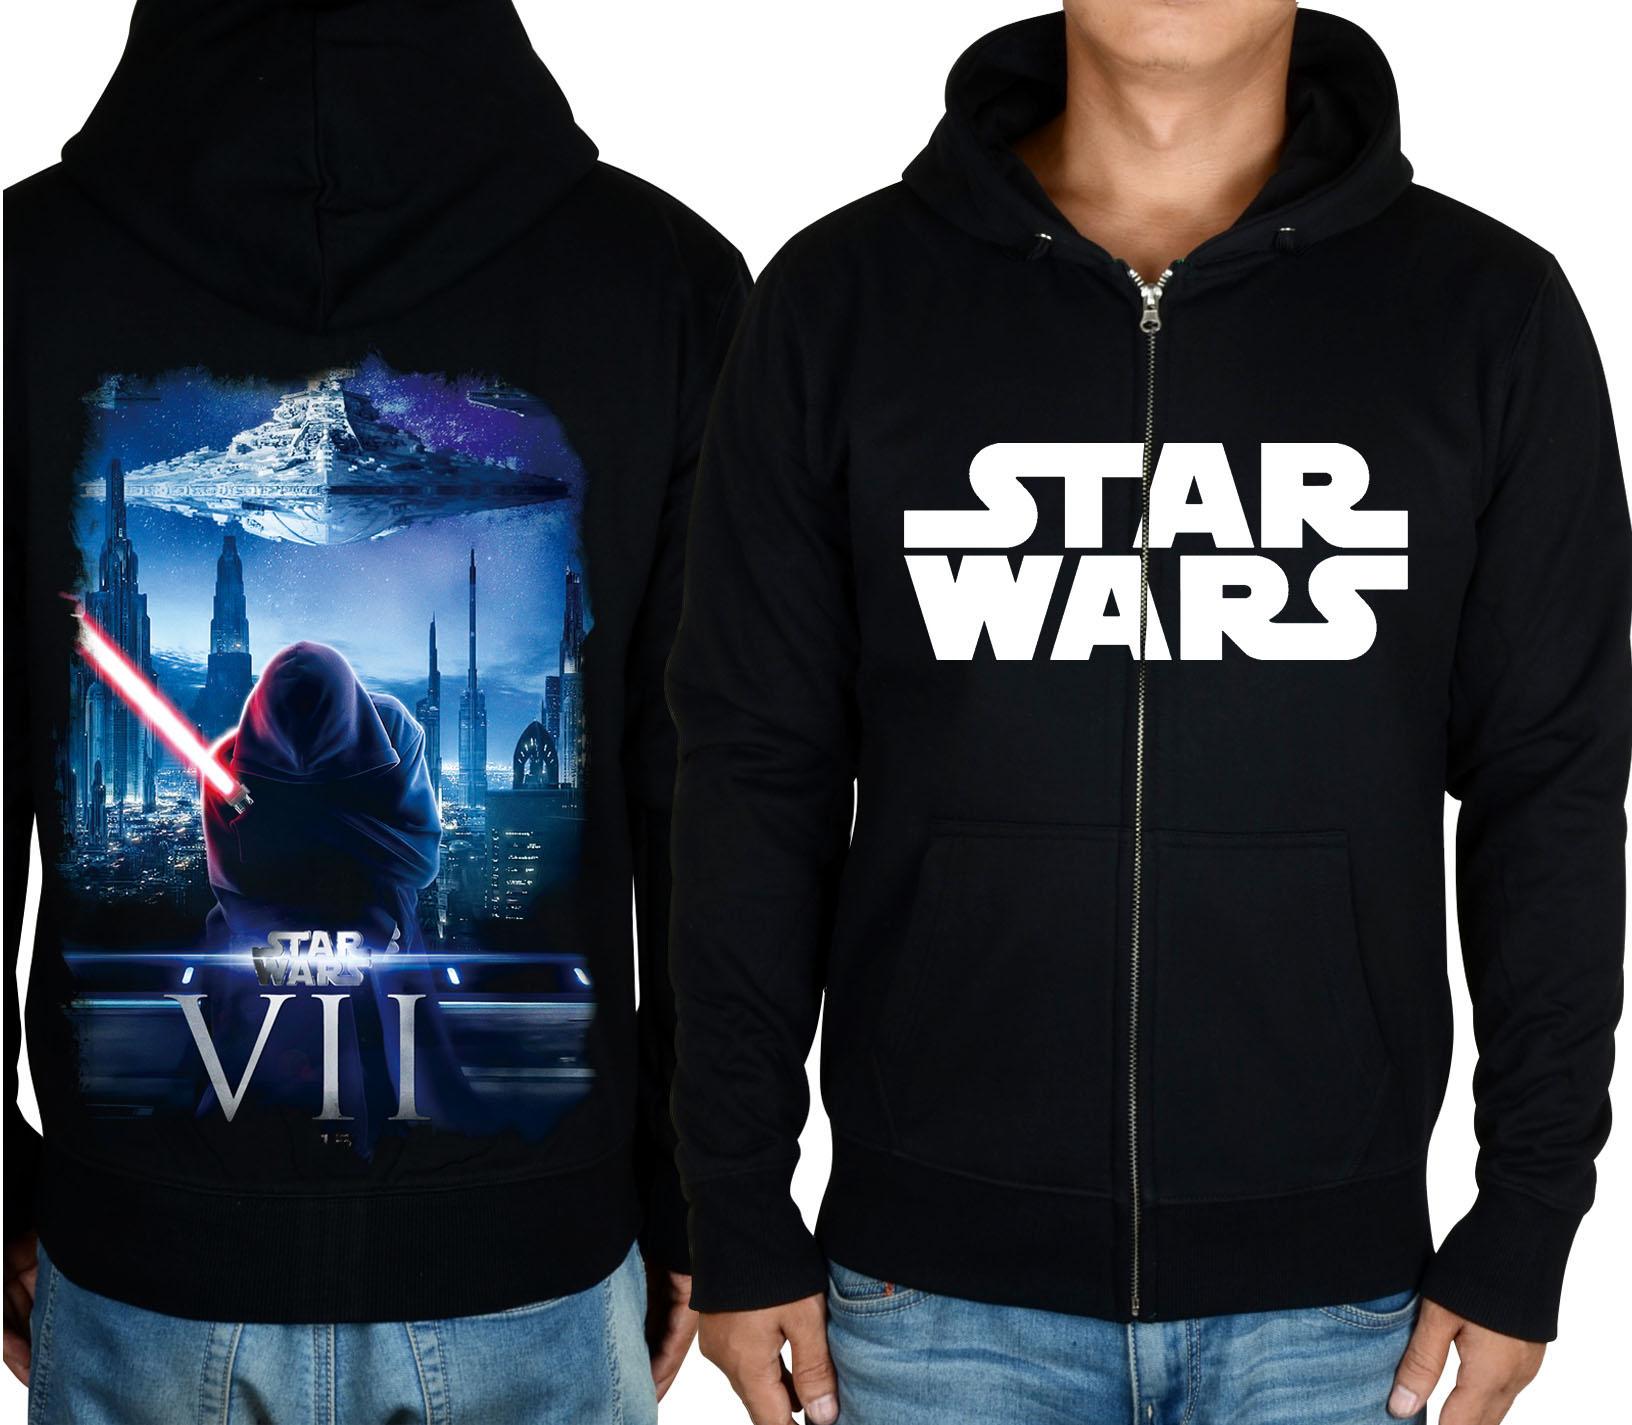 星球大战Star Wars 7原力觉醒达斯摩尔光剑拉链加绒休闲运动卫衣